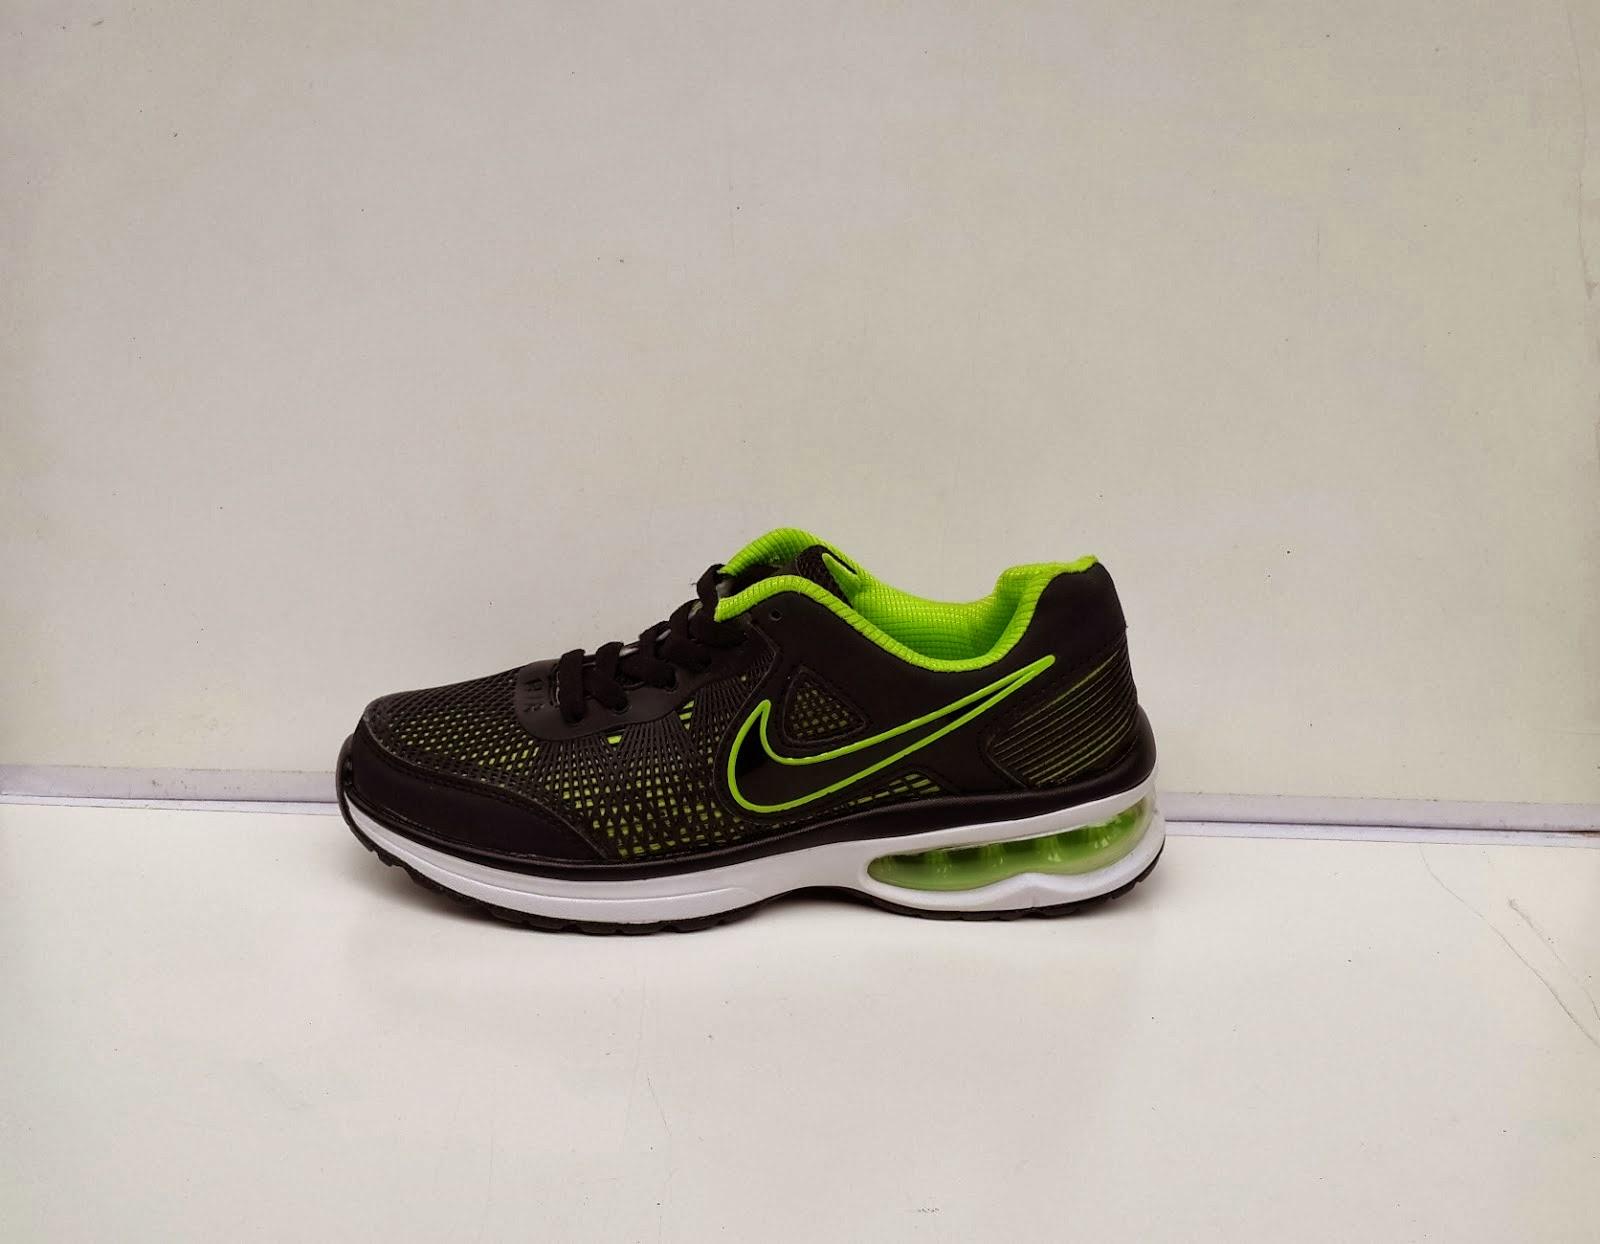 Sepatu Nike Air Max Turbulence 14 murah